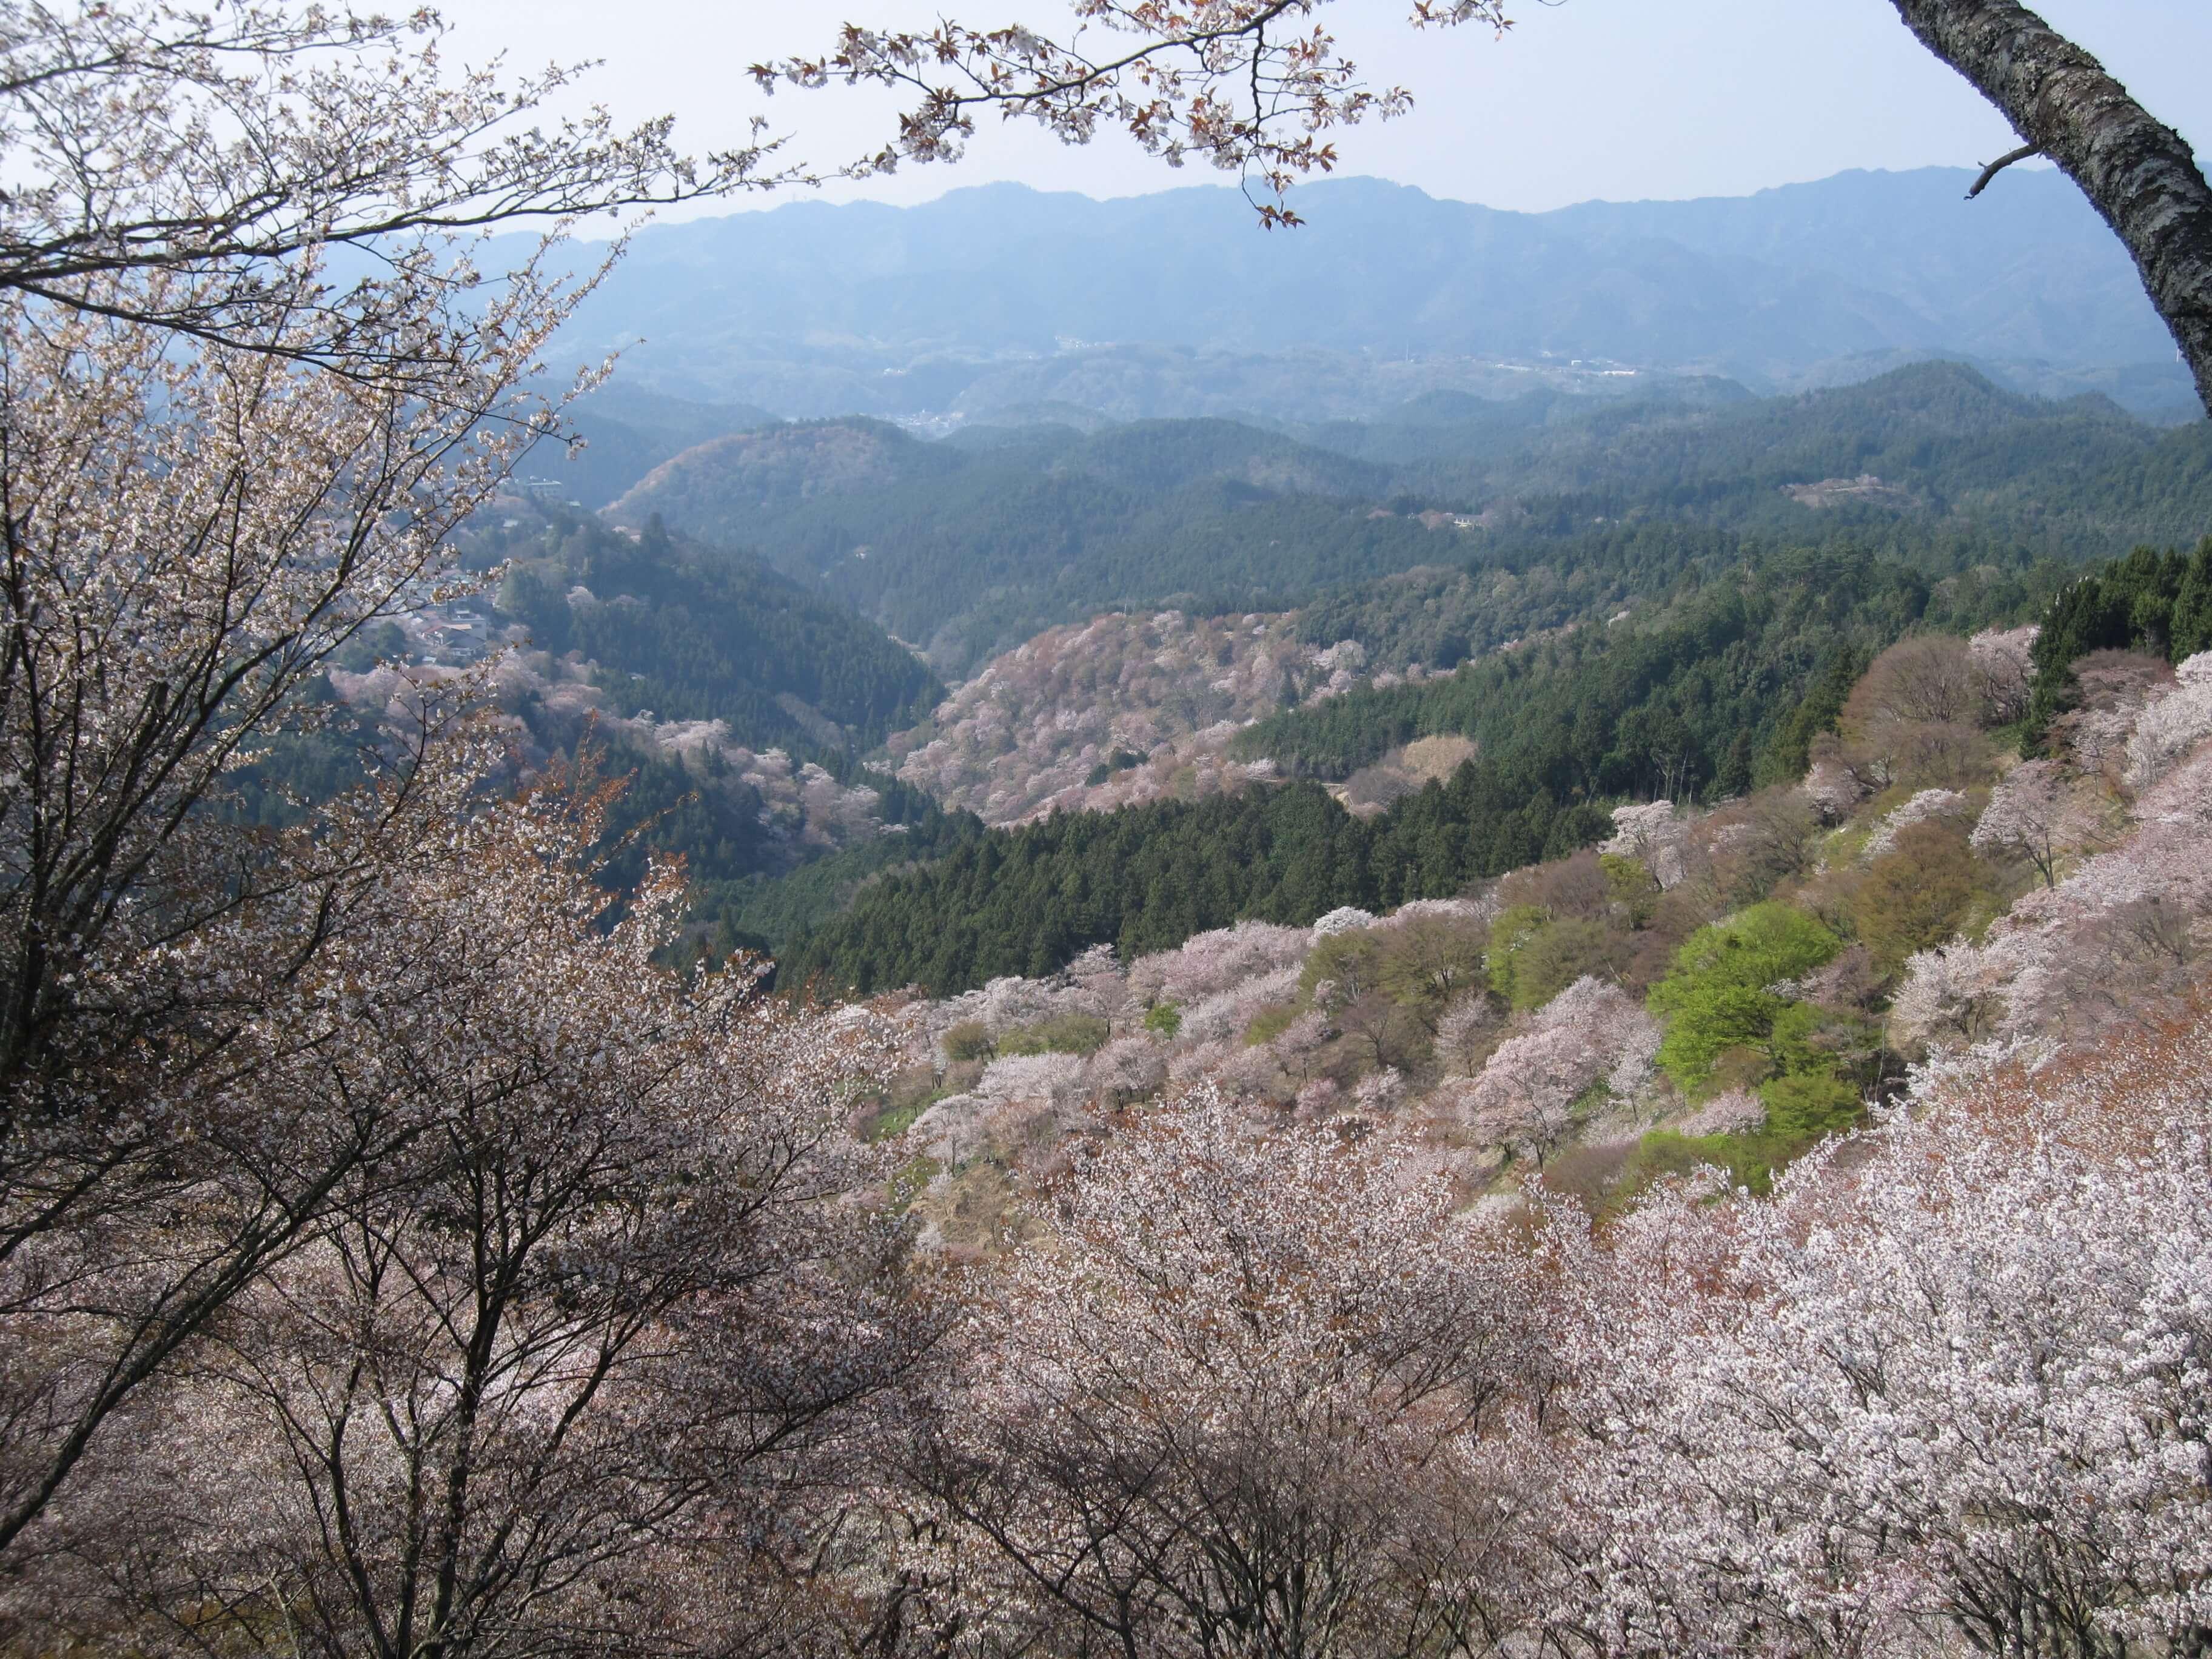 お勧めの8Kコンテンツ『やまと尼寺 精進日記 4K』『吉野の桜』を見に行こう